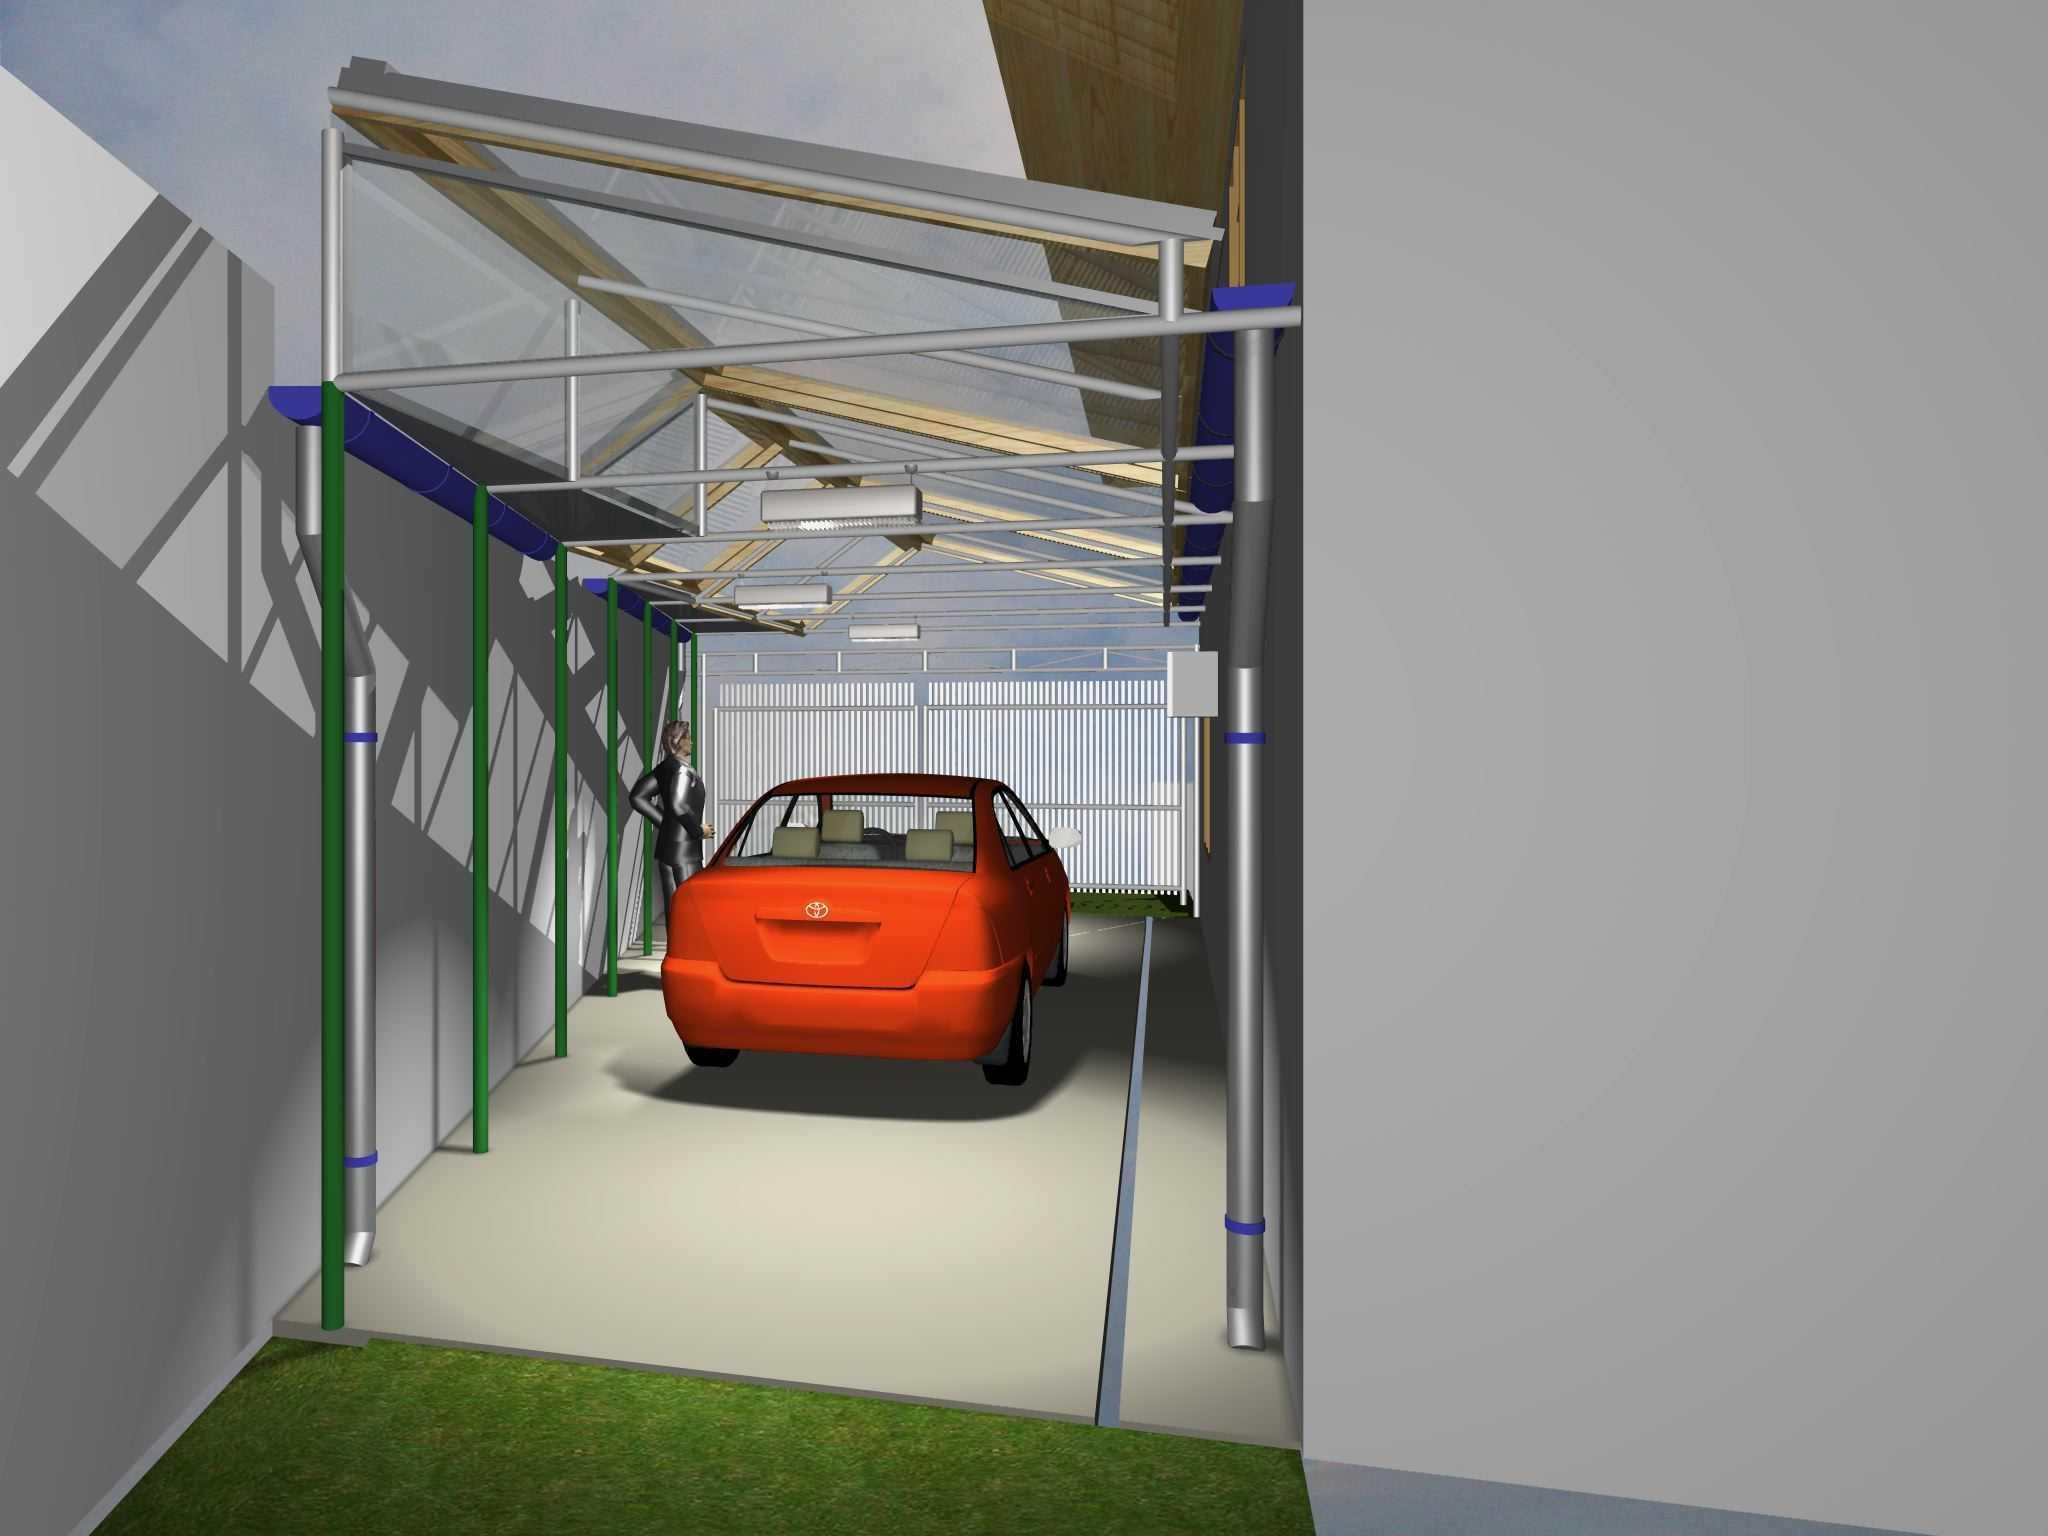 Archdesignbuild7 Project Atap Garasi Rumah Tinggal Jalan Sampoerna No 2 Bandung Jalan Sampoerna No 2 Bandung Tampak-Belakang Modern  17877